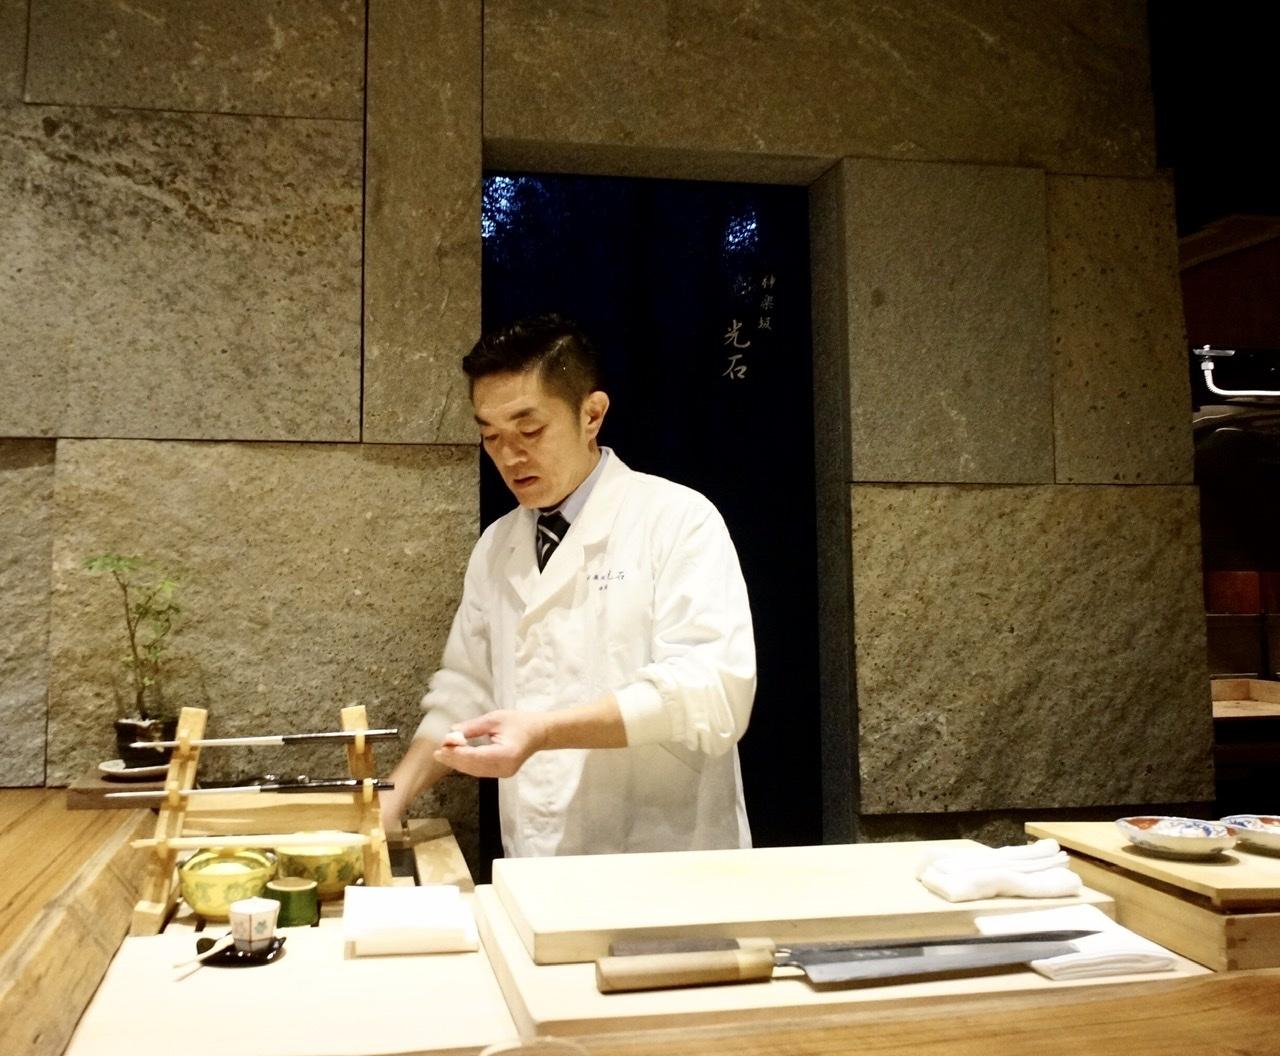 至高の晩餐 神楽坂光石Vol.2_c0180686_15110453.jpeg